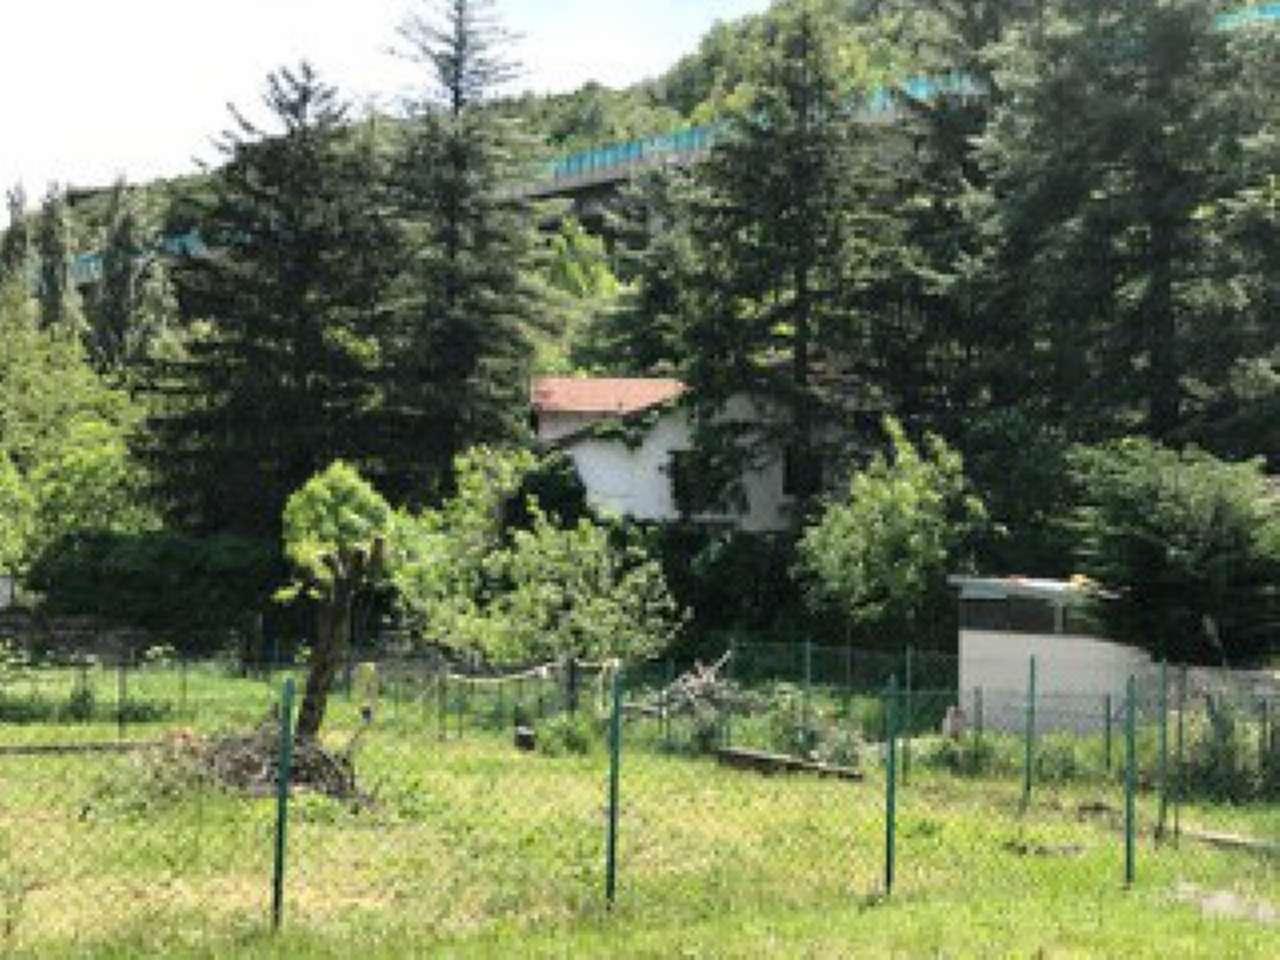 Rustico / Casale in vendita a Giaglione, 15 locali, prezzo € 60.000 | Cambio Casa.it